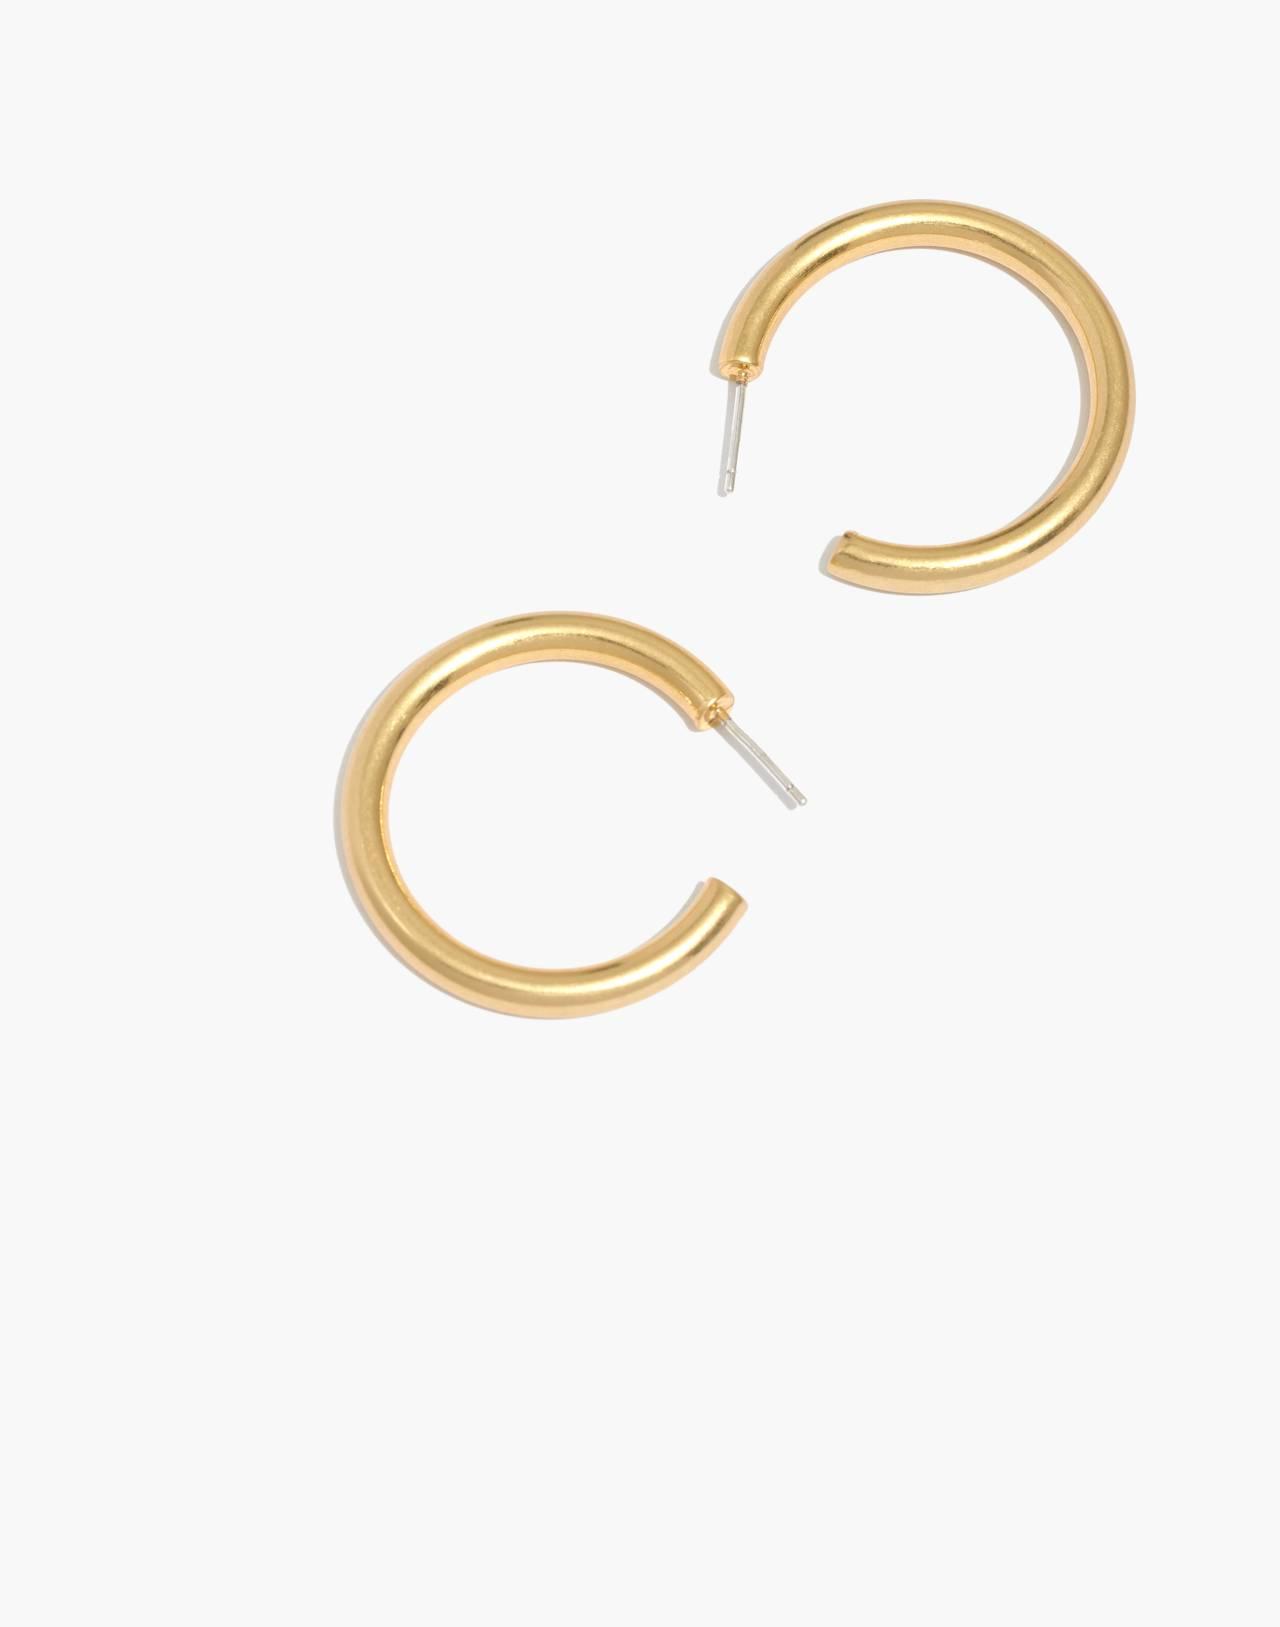 Chunky Medium Hoop Earrings in vintage gold image 1